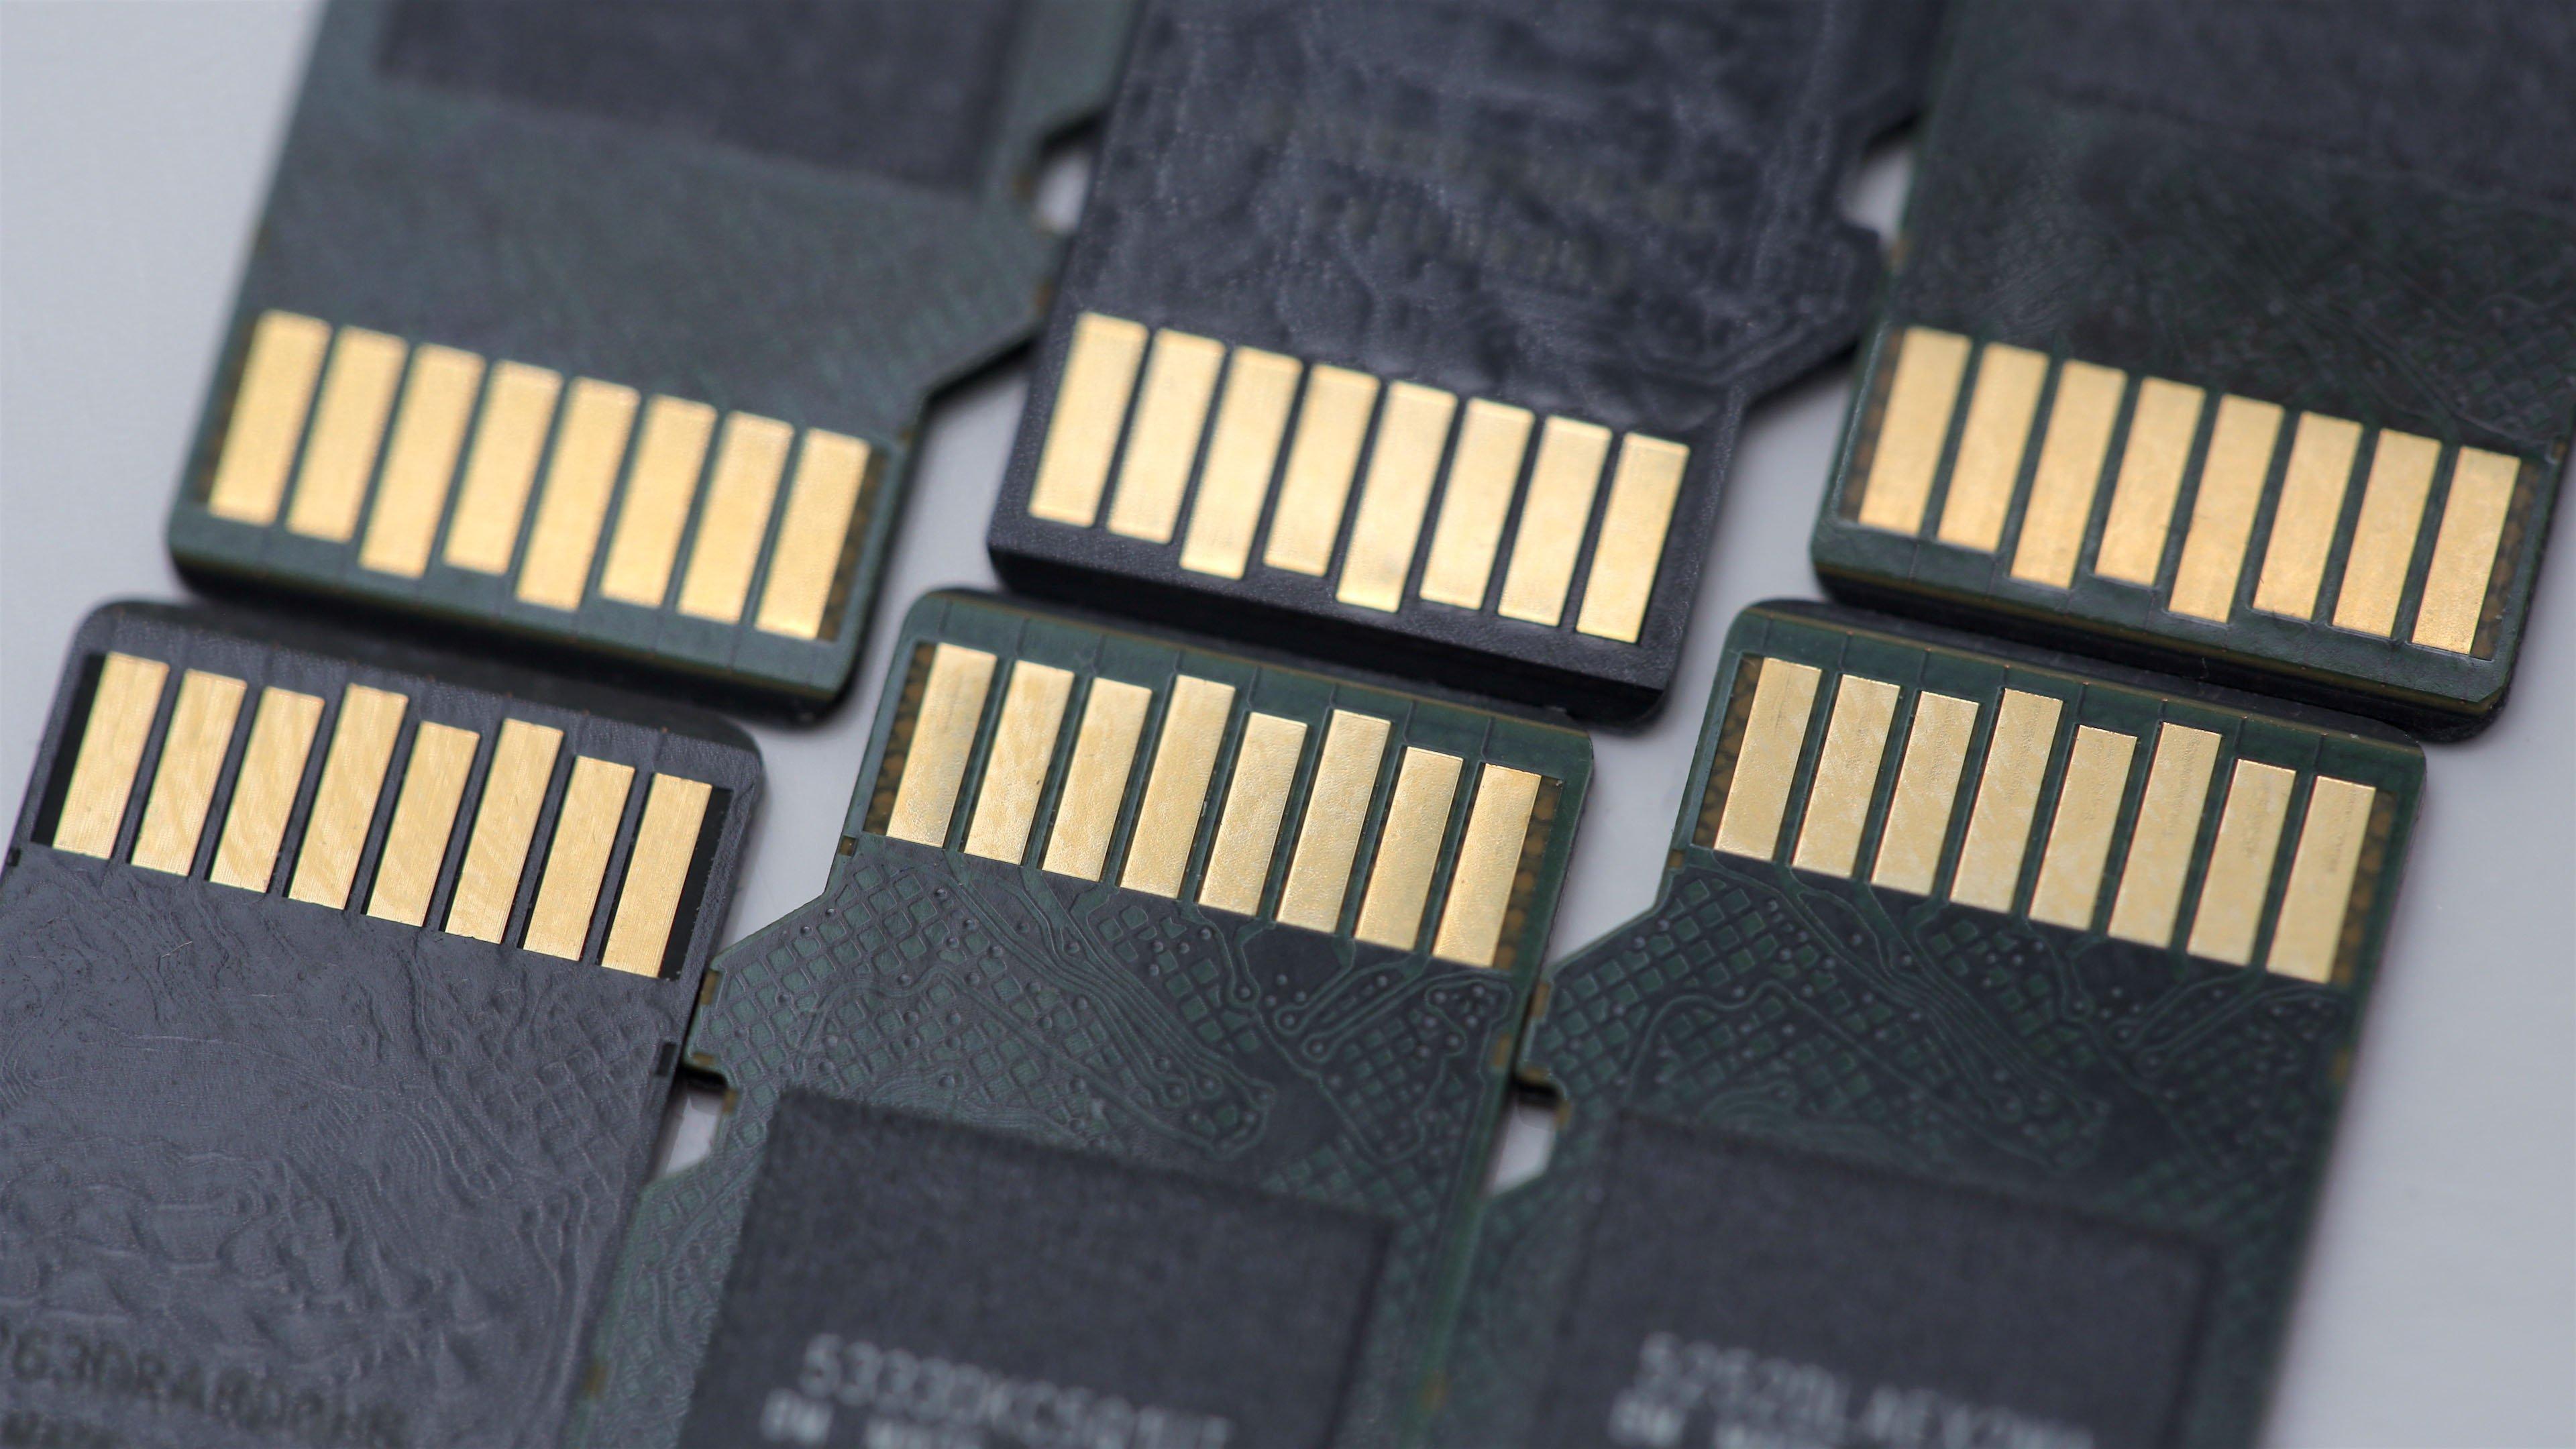 Cómo solucionar el problema de memoria insuficiente en Android ...